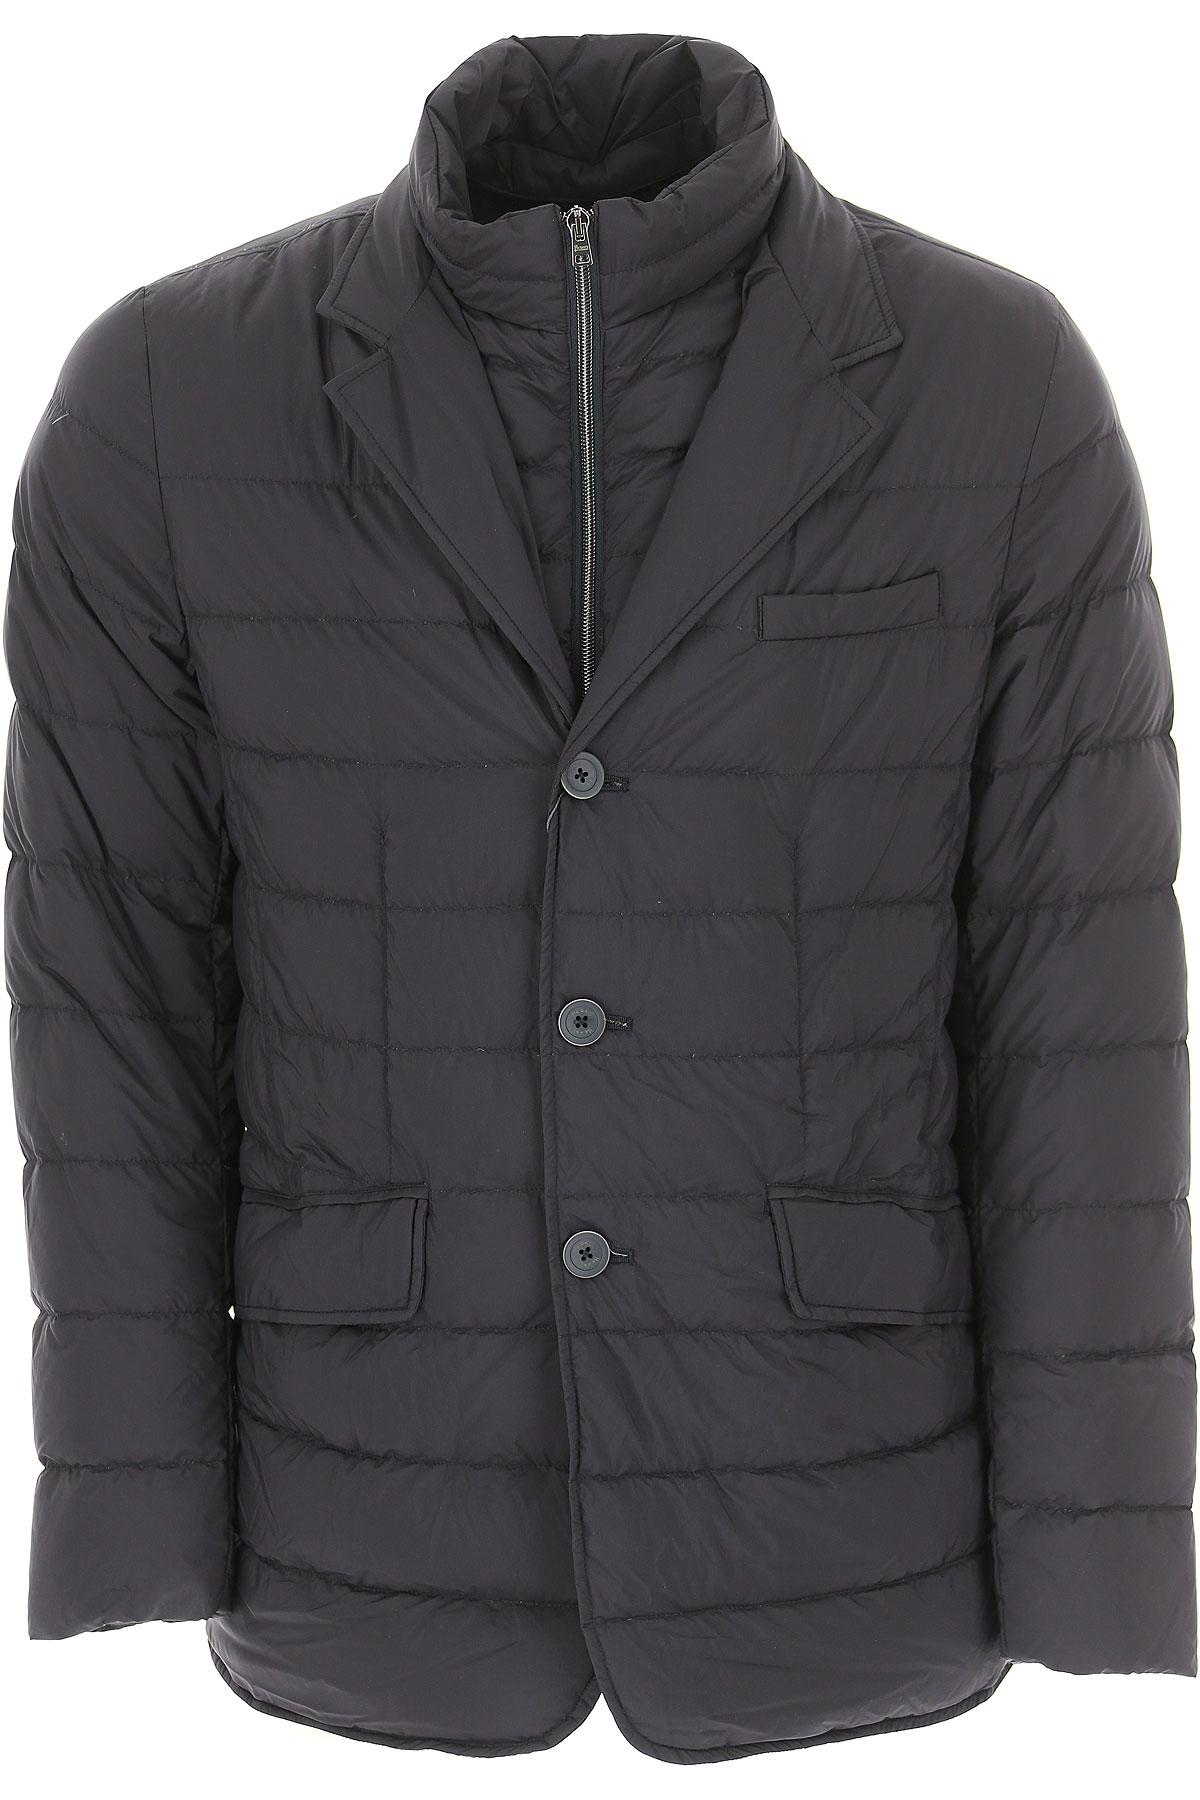 Herno Down Jacket for Men, Puffer Ski Jacket On Sale, Dark Navy Blue, Down, 2019, L M XL XXL